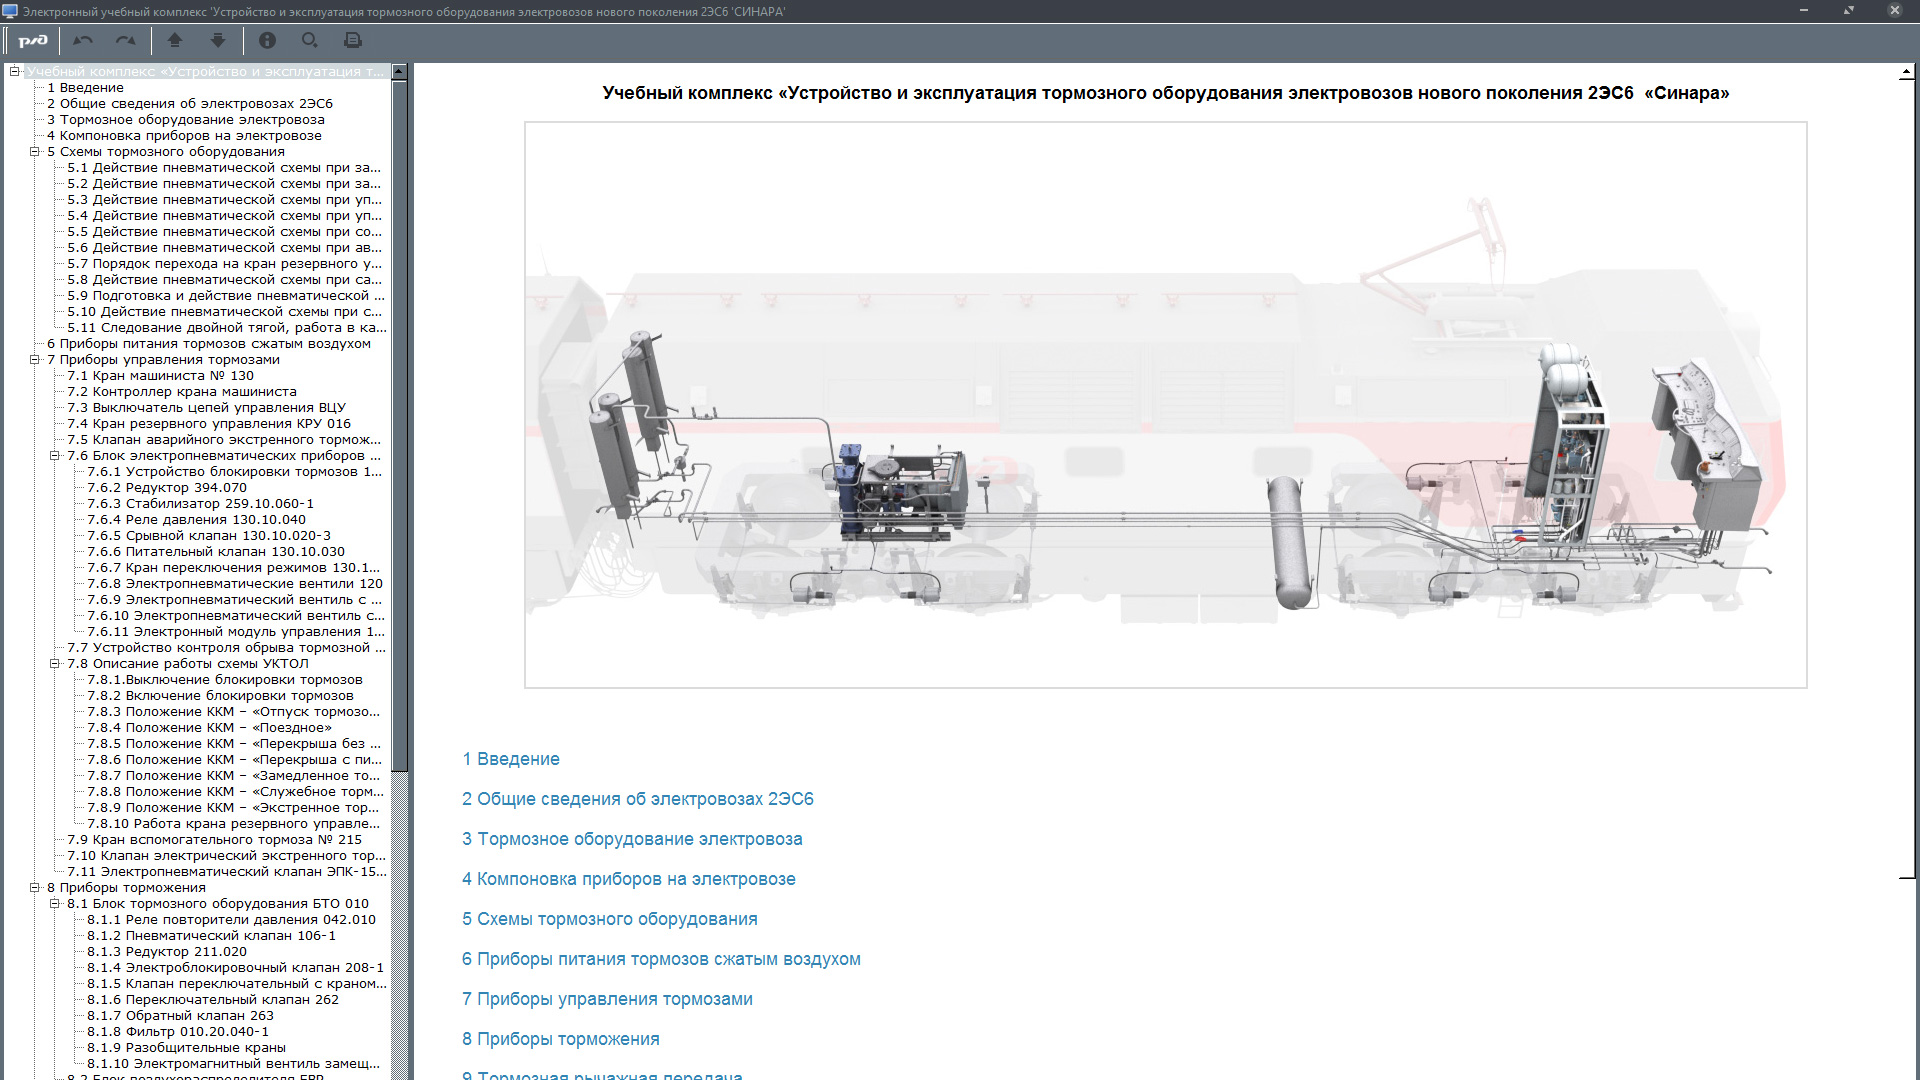 sinara brake 01 Электронный учебный комплекс «Устройство и эксплуатация тормозного оборудования электровозов нового поколения 2ЭС6 «Синара»